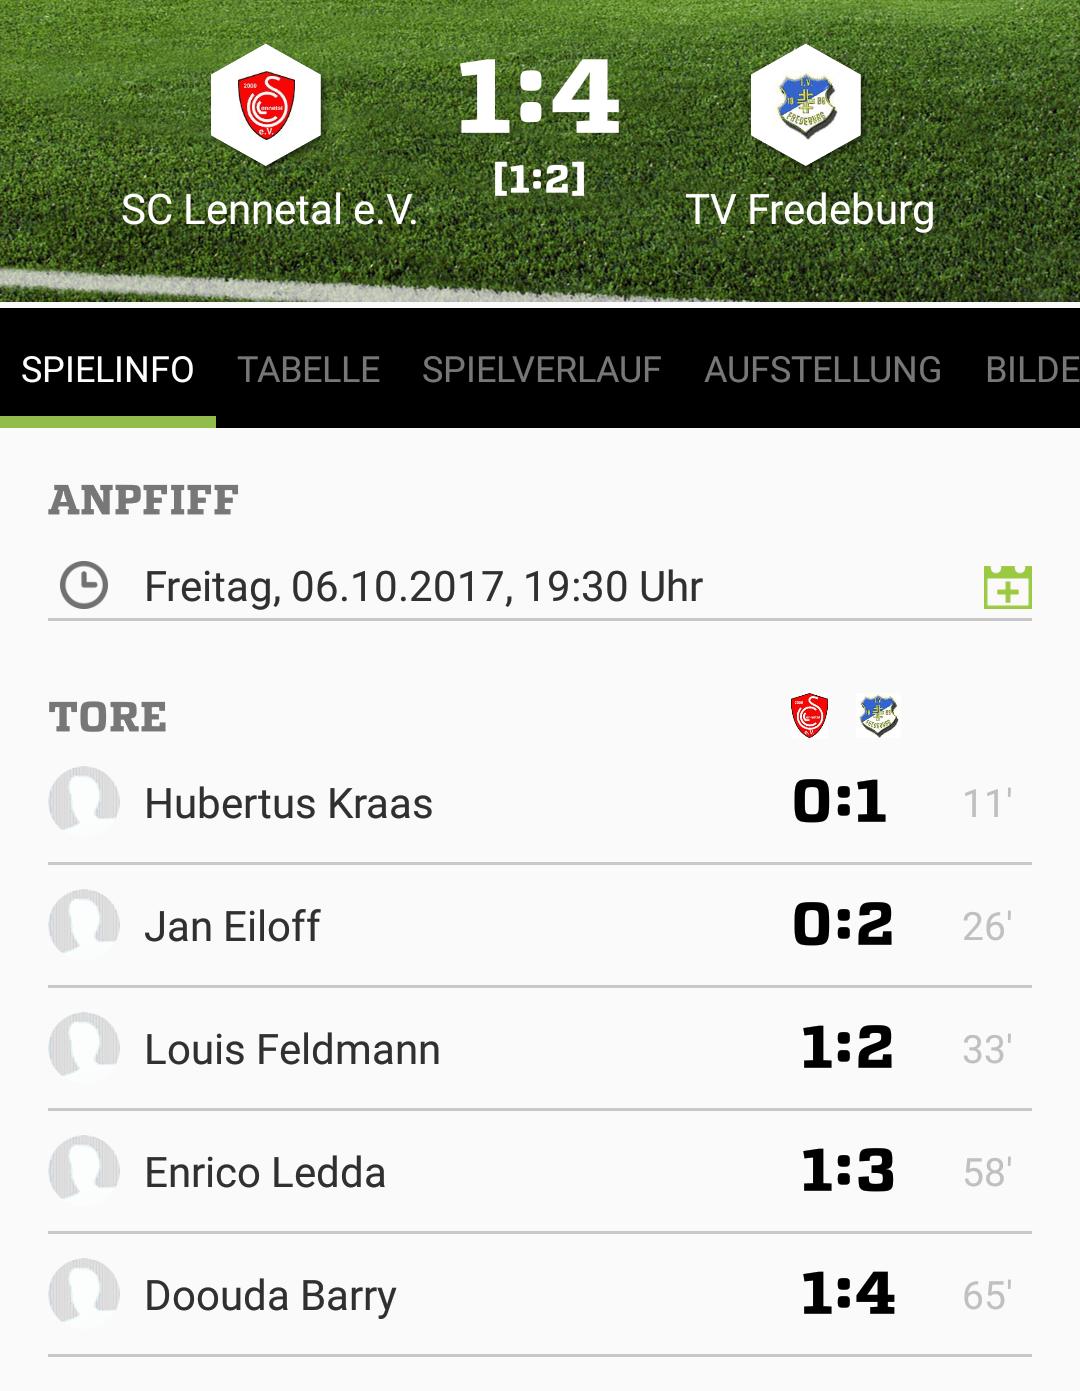 TV I siegt beim Aufsteiger SC Lennetal